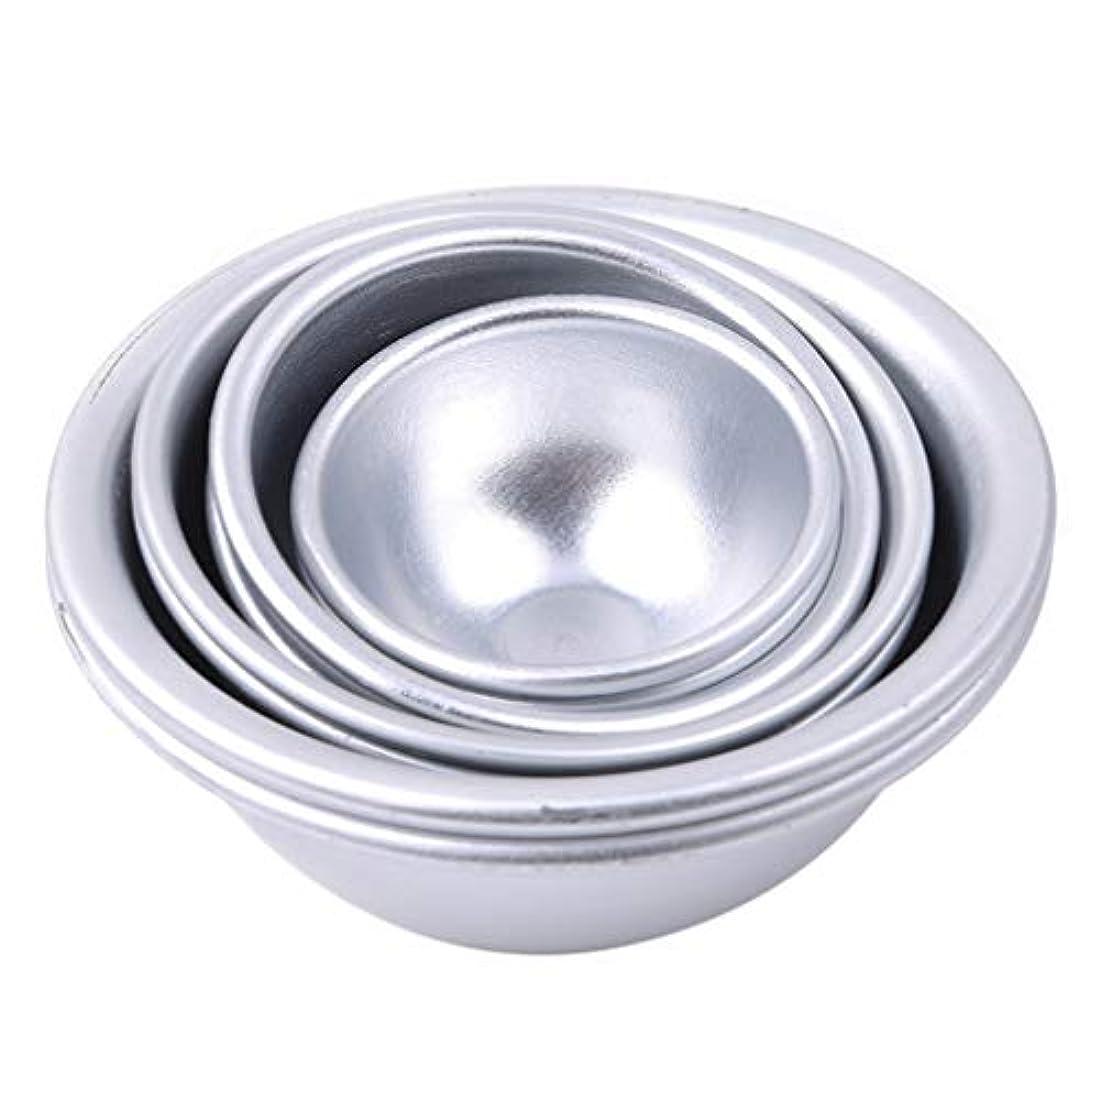 うなり声ローマ人ニンニクToporchid Diy風呂ボール型アルミ合金入浴ボール手作り石鹸ケーキパンベーキングモールドペストリー作りツール(style2)